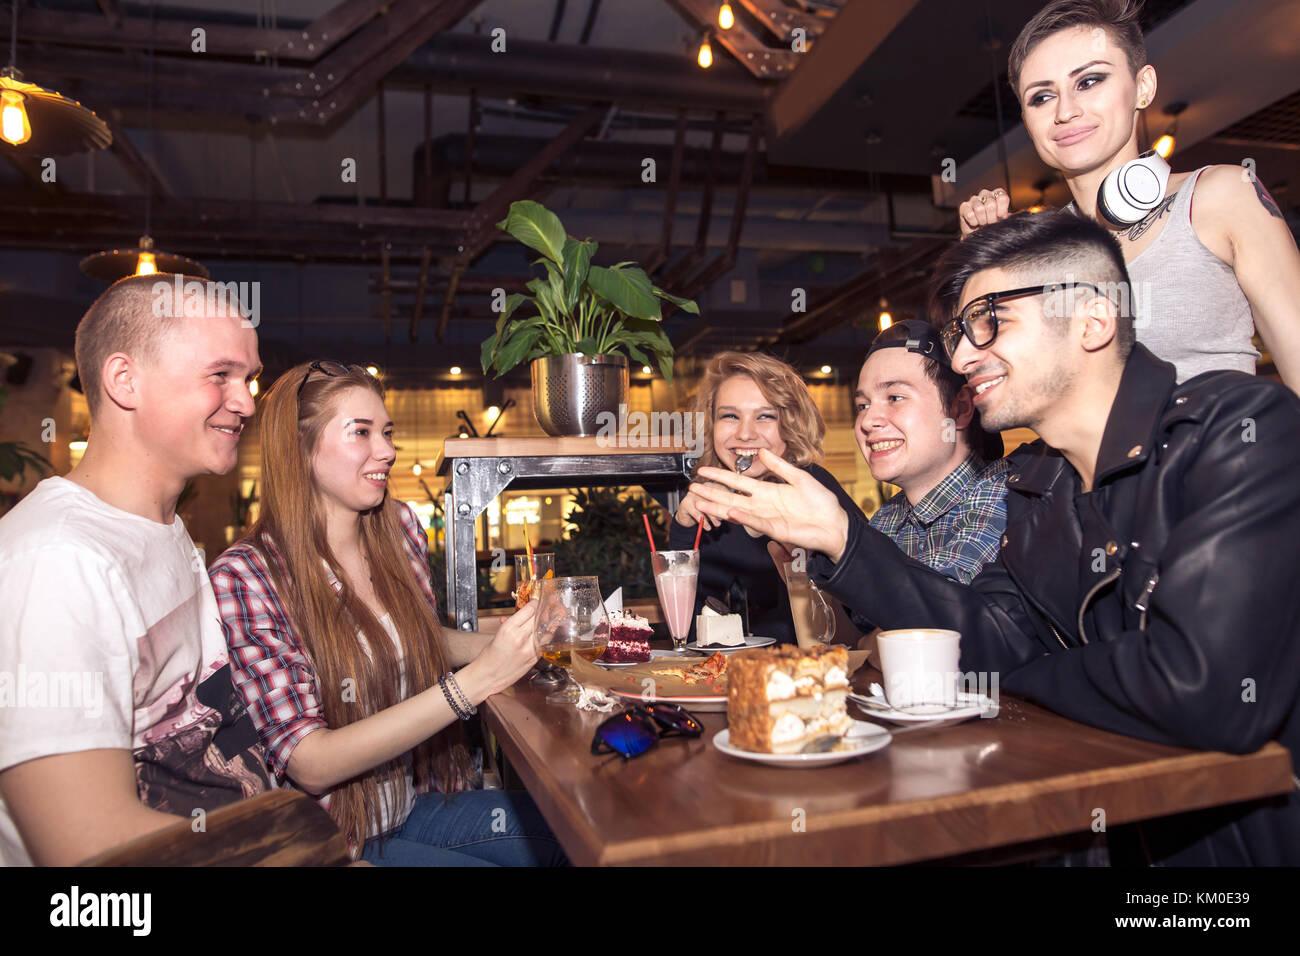 Freunde in einen Kaffee zusammen. Frauen und Männer im Cafe, reden, lachen Stockbild